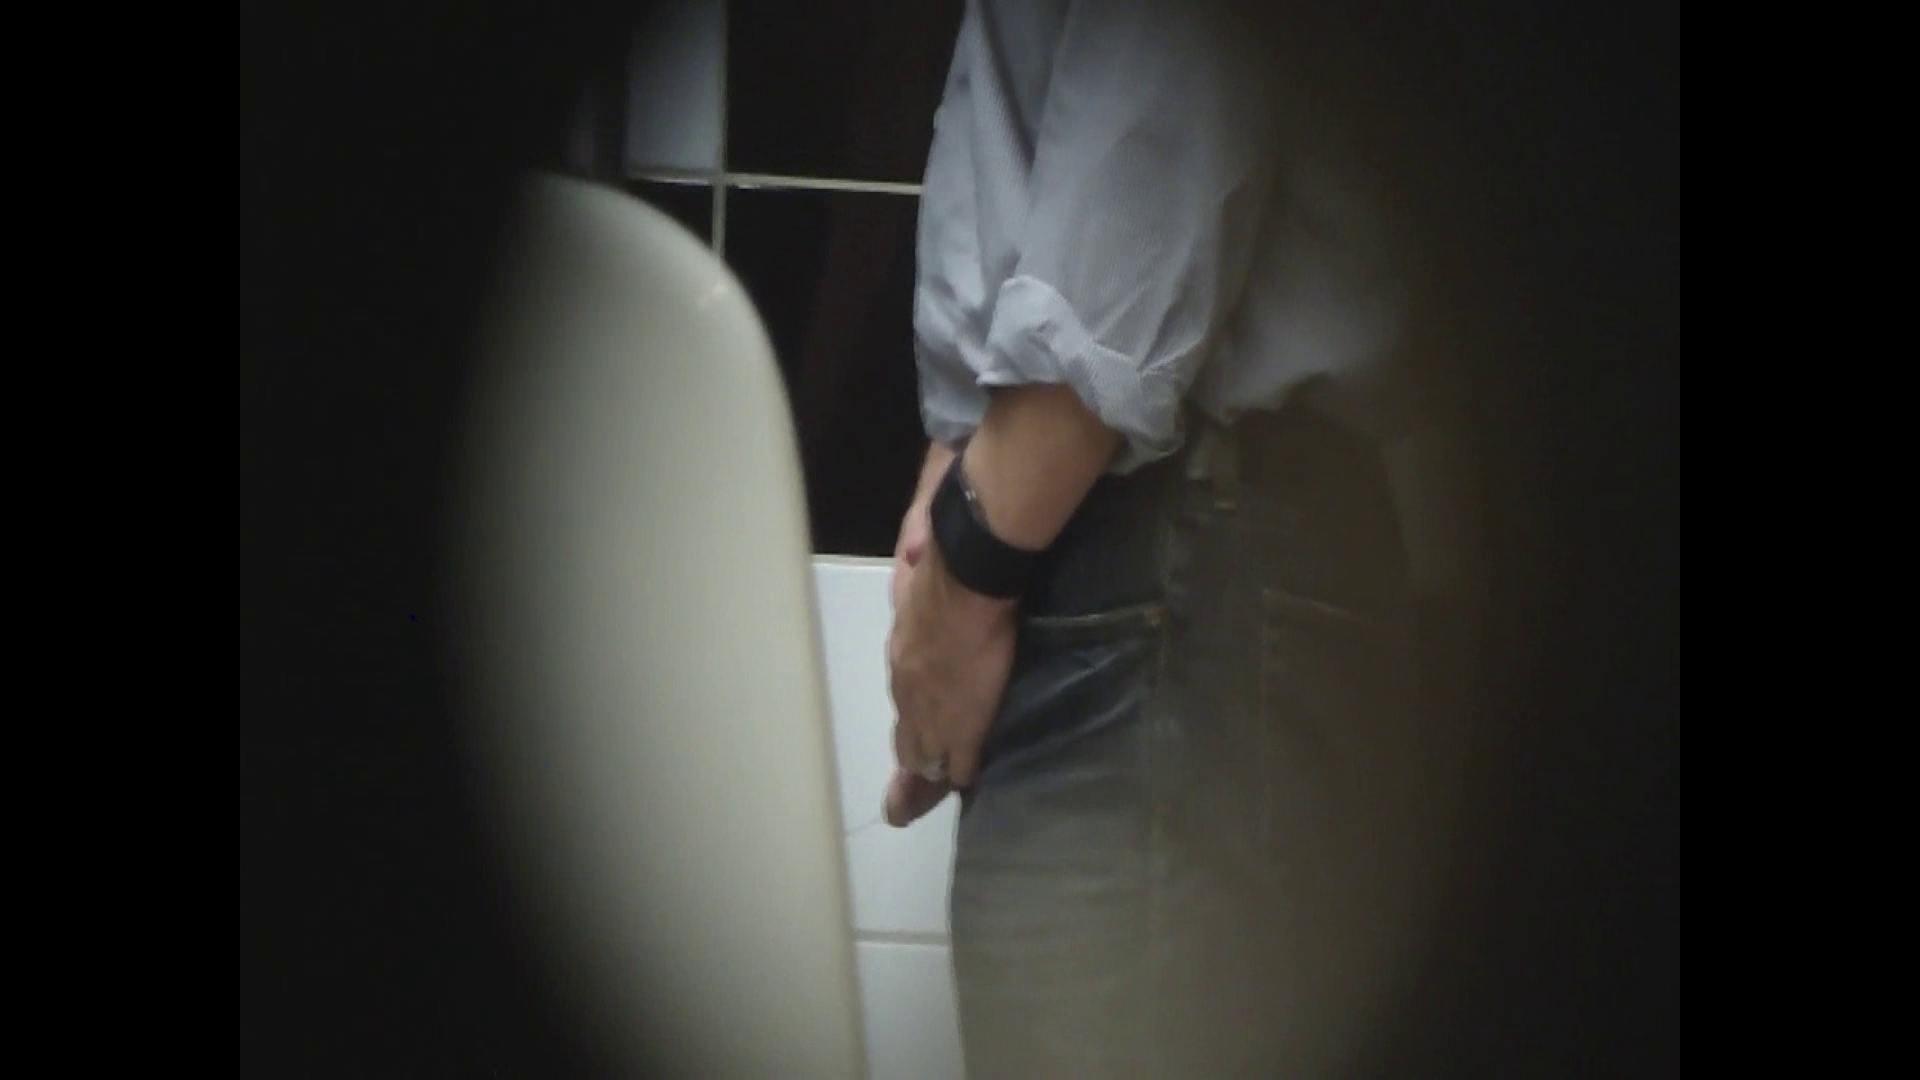 イケメンの素顔in洗面所 Vol.06 イケメンのsex | 0  106pic 92